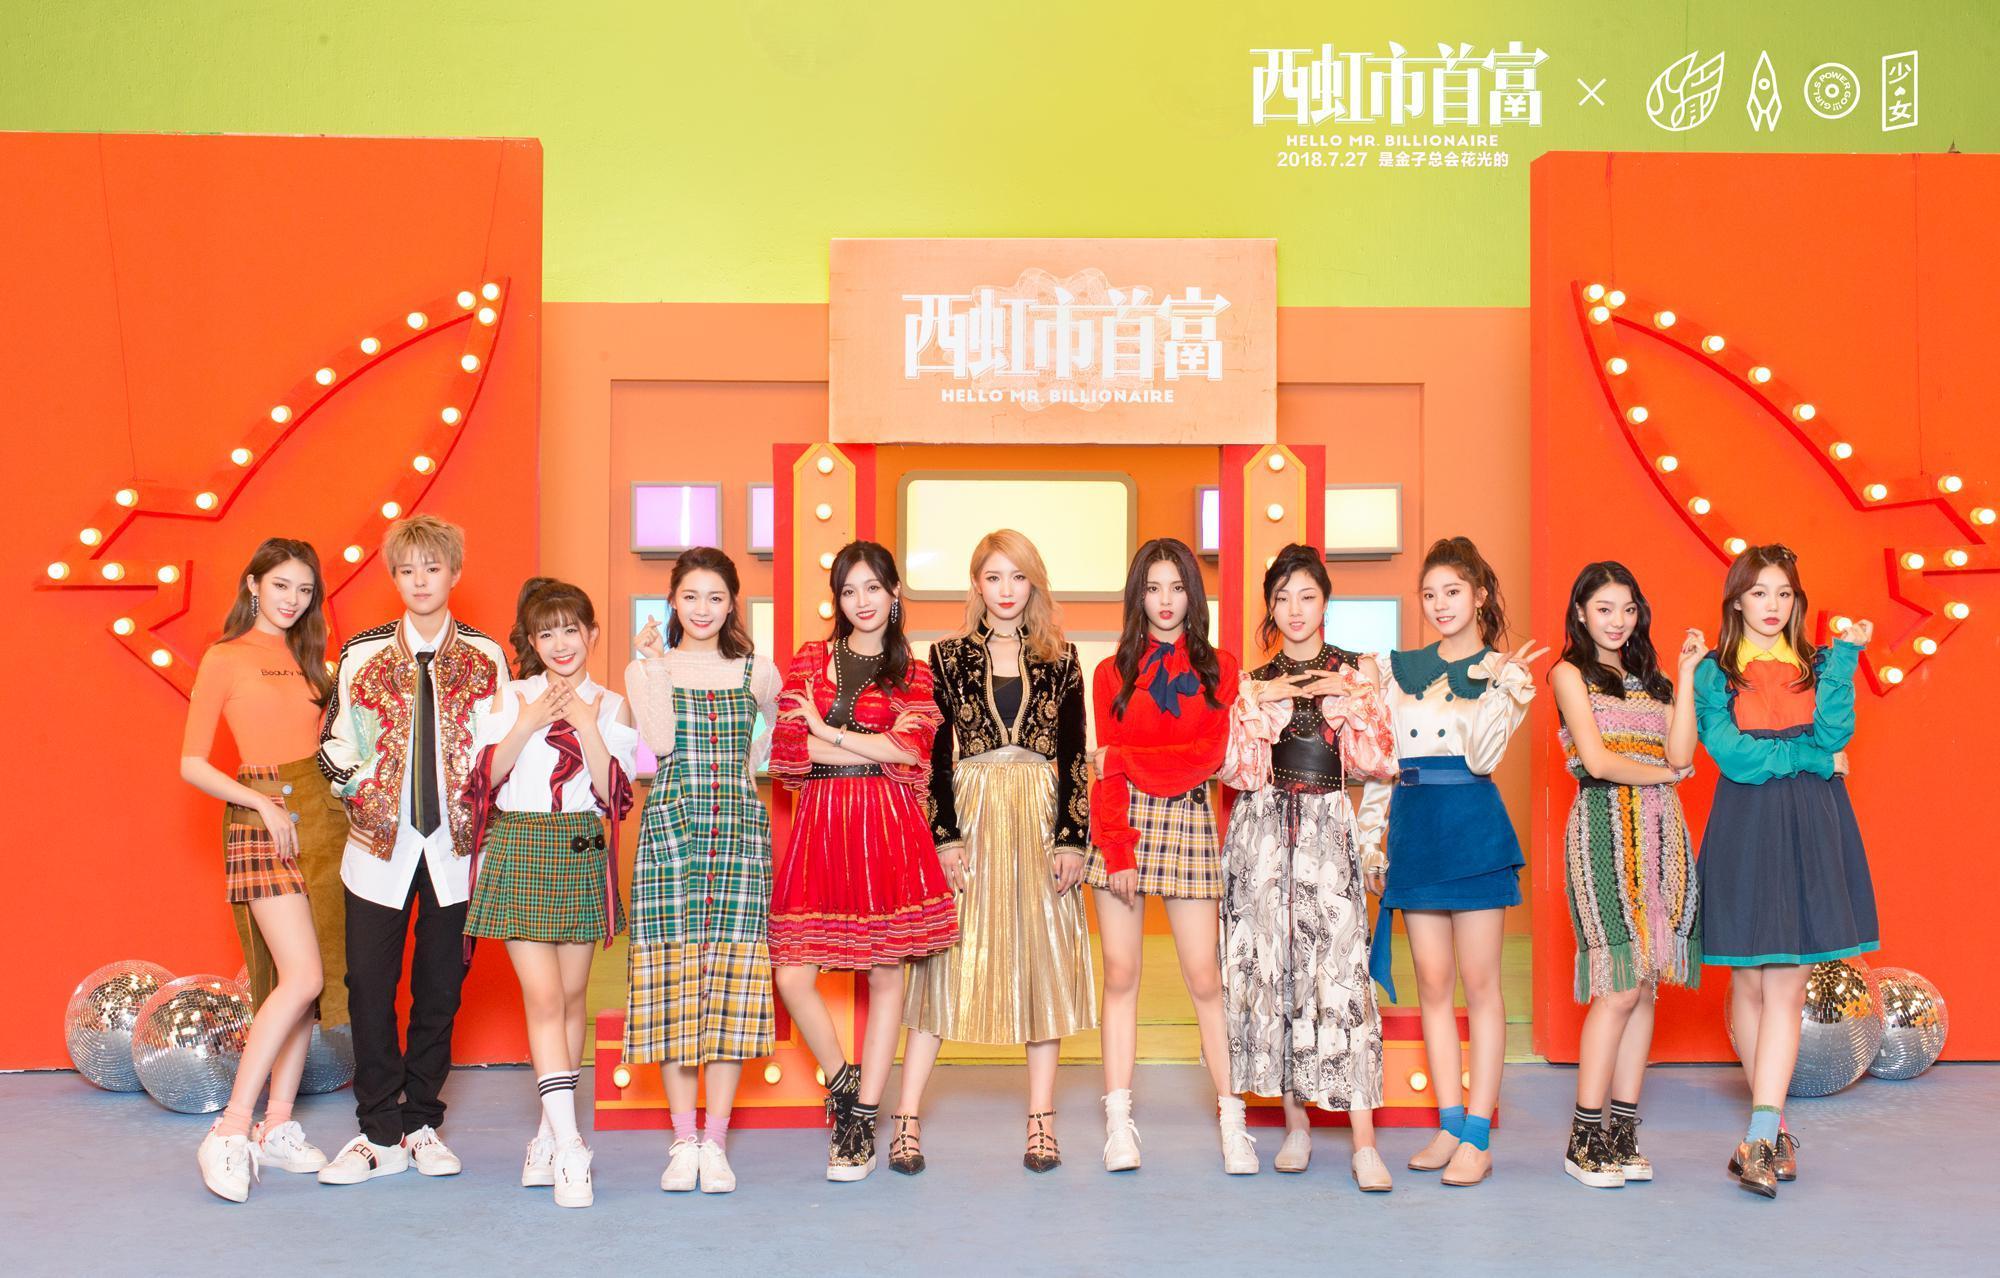 《西虹柿首富》插曲《卡路里》正式发布,火箭少女MV装束成为焦点